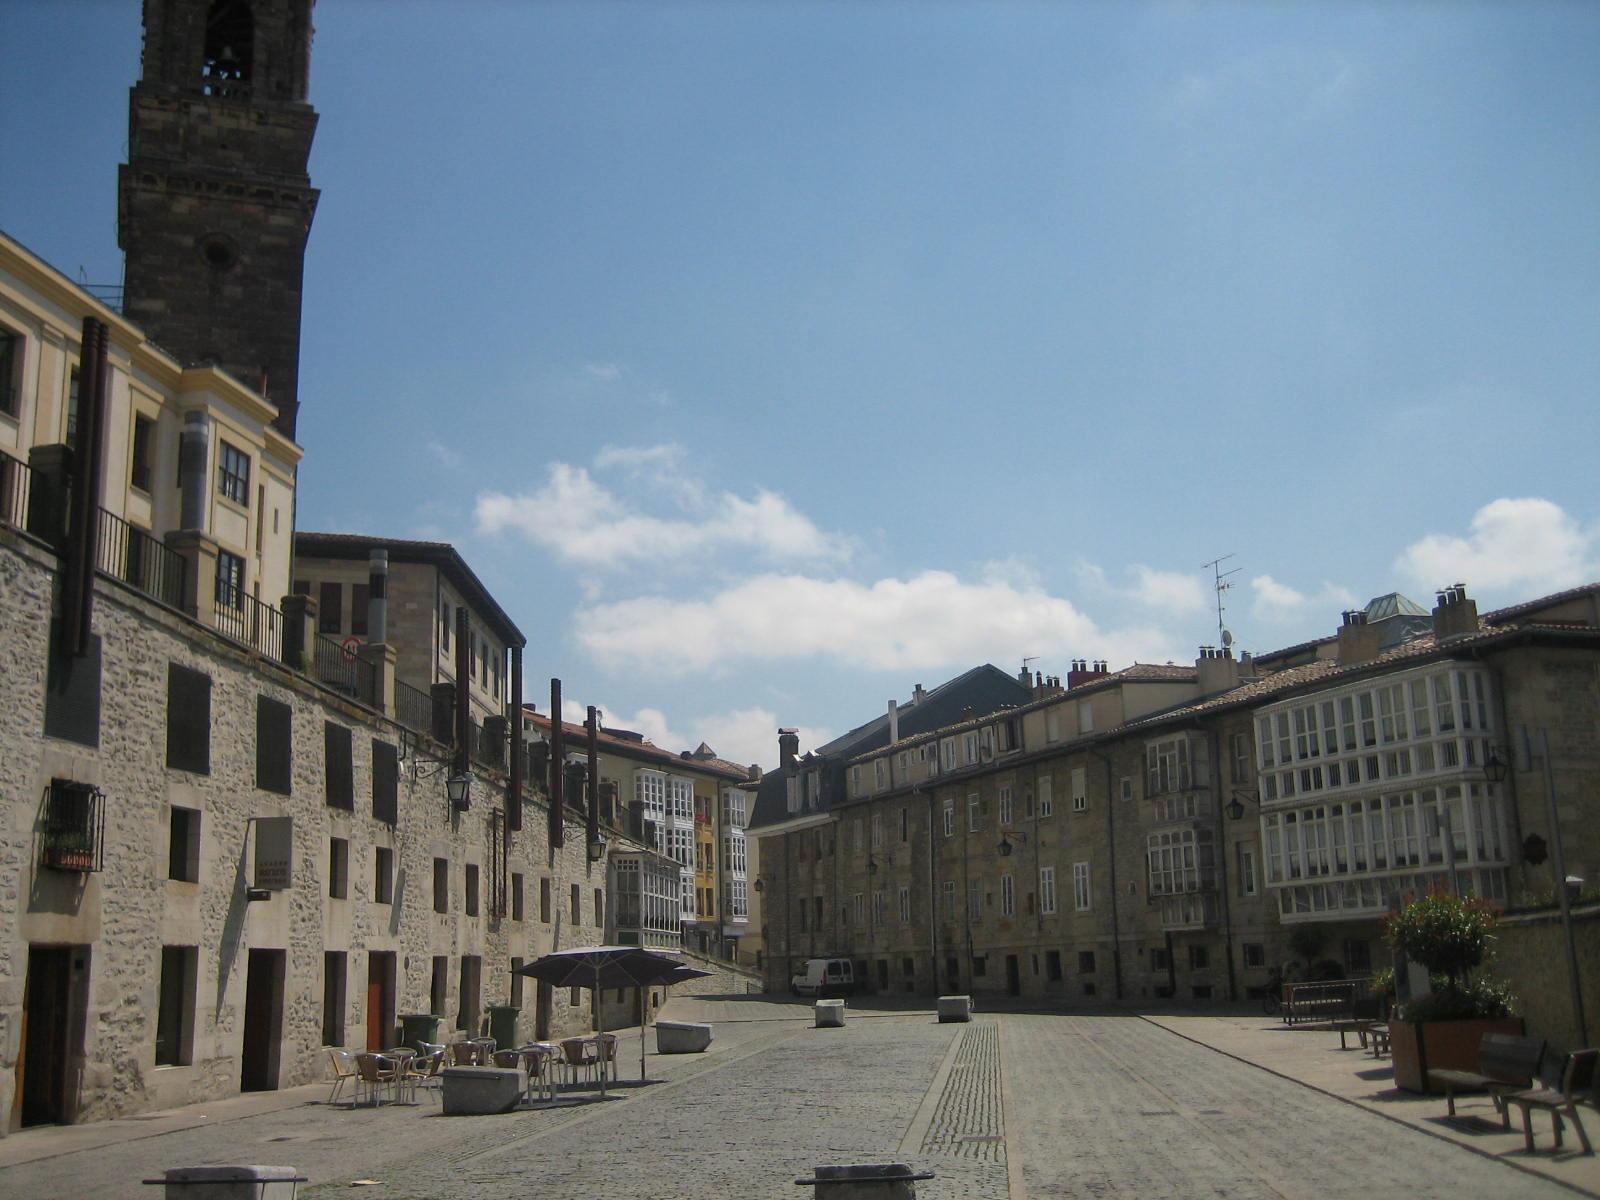 Plaza Machete Vitoria-Gasteiz